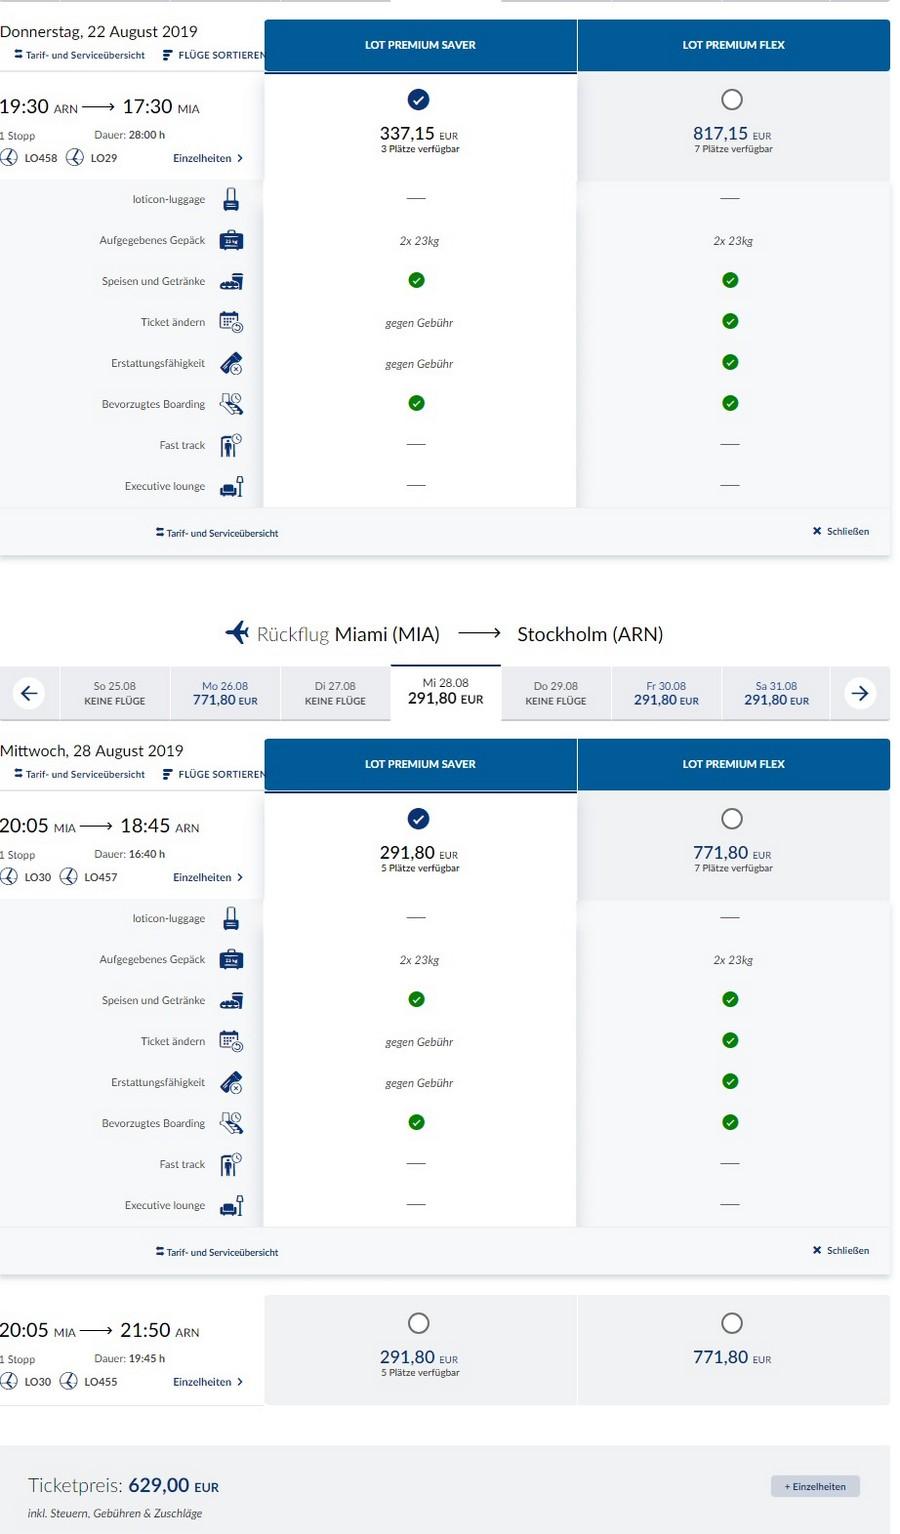 Preisbeispiel von Stockholm nach Miami in der LOT Premium-Economy-Class